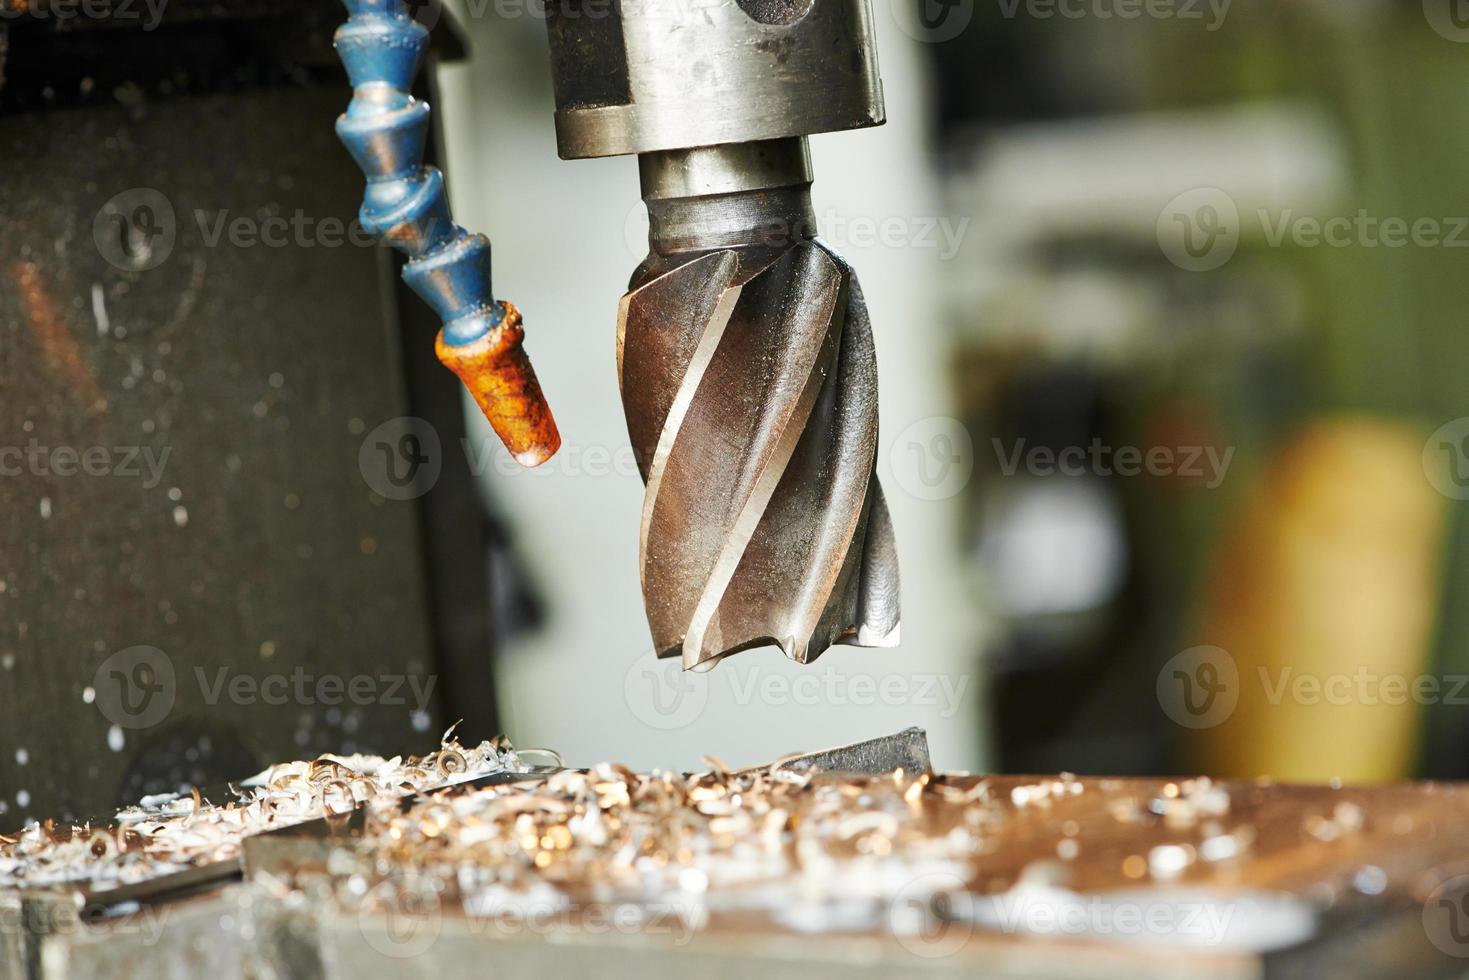 Bohrvorgang von Metall auf Werkzeugmaschine foto